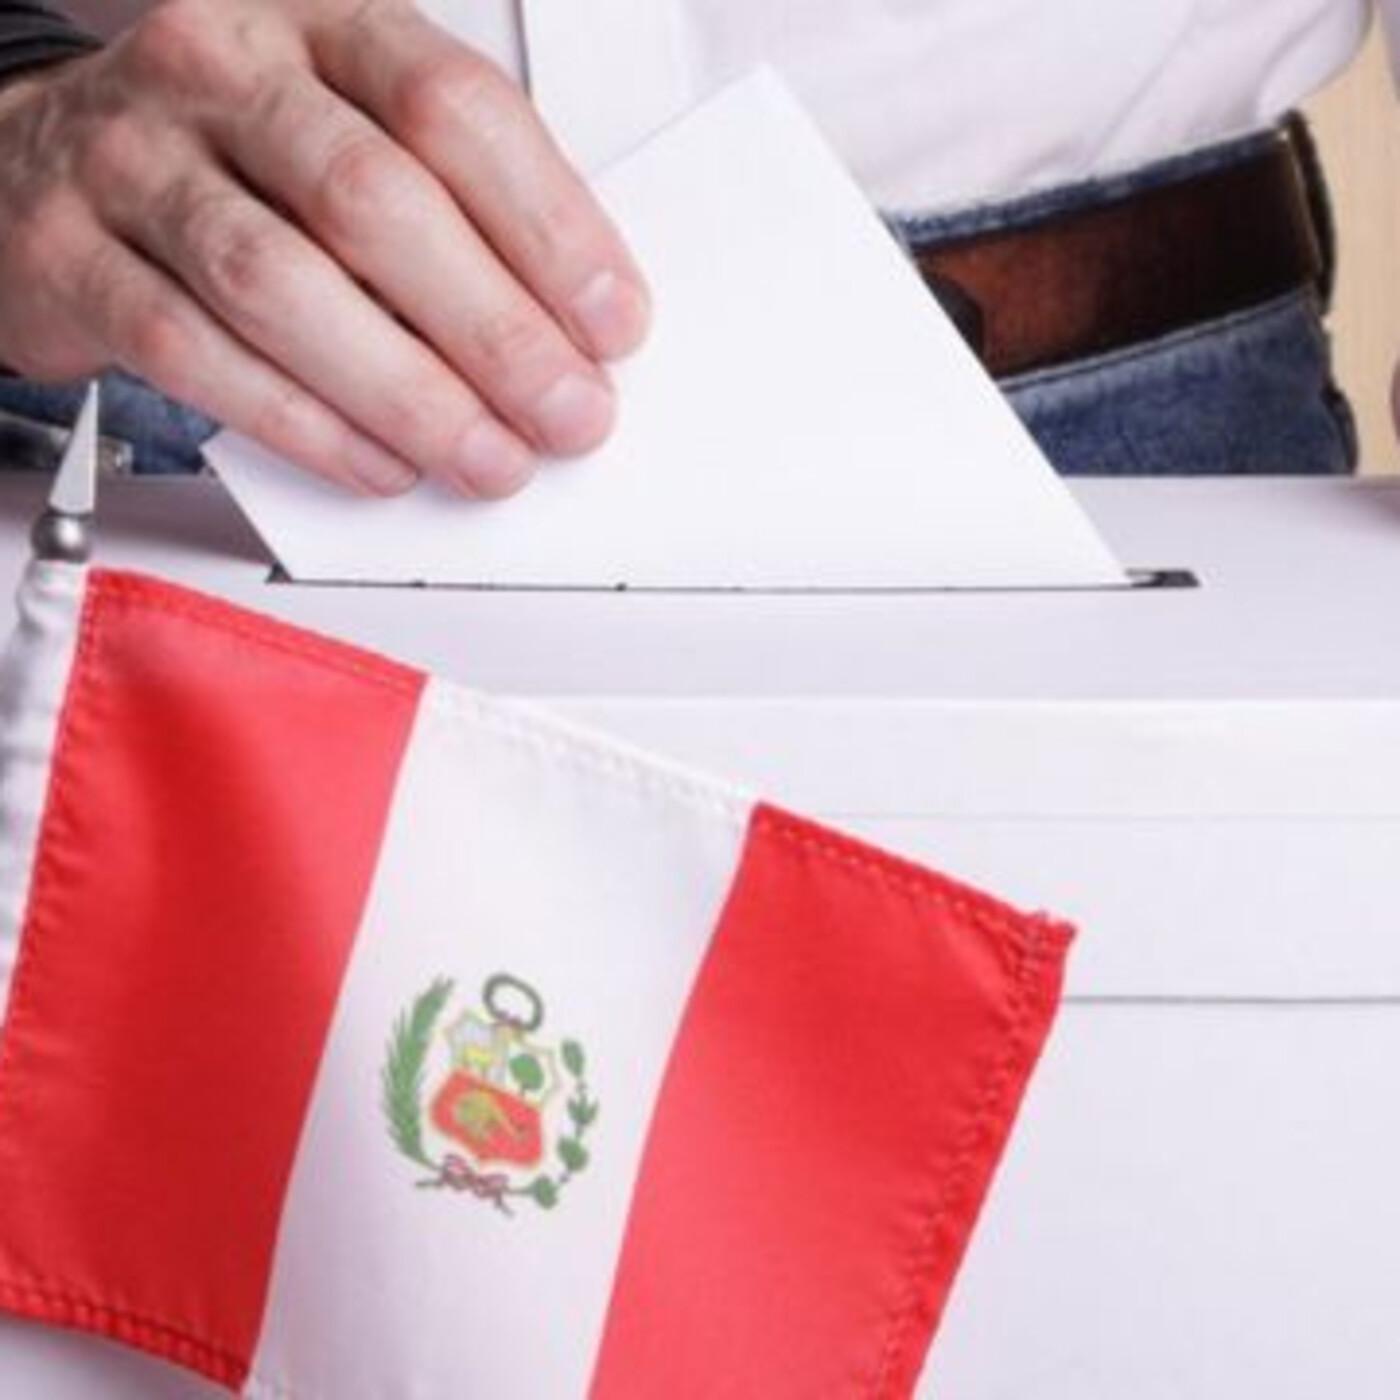 Elecciones presidenciales en Perú, 1era vuelta